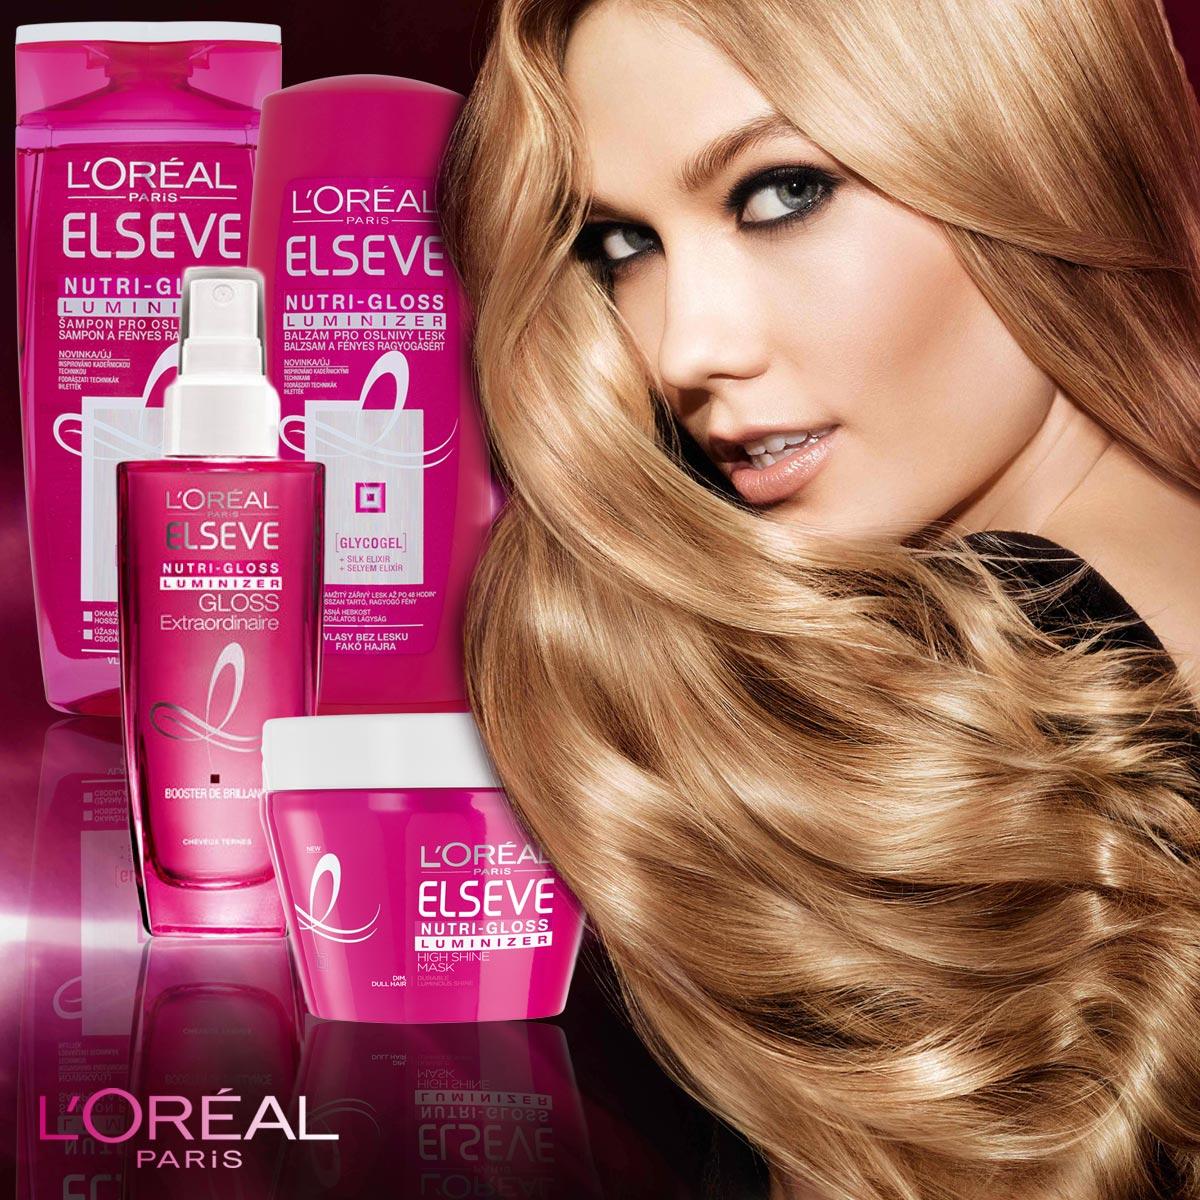 L'Oréal Paris prišiel s novou kozmetikou pre lesk vlasov – Nutri-Gloss Luminizer.